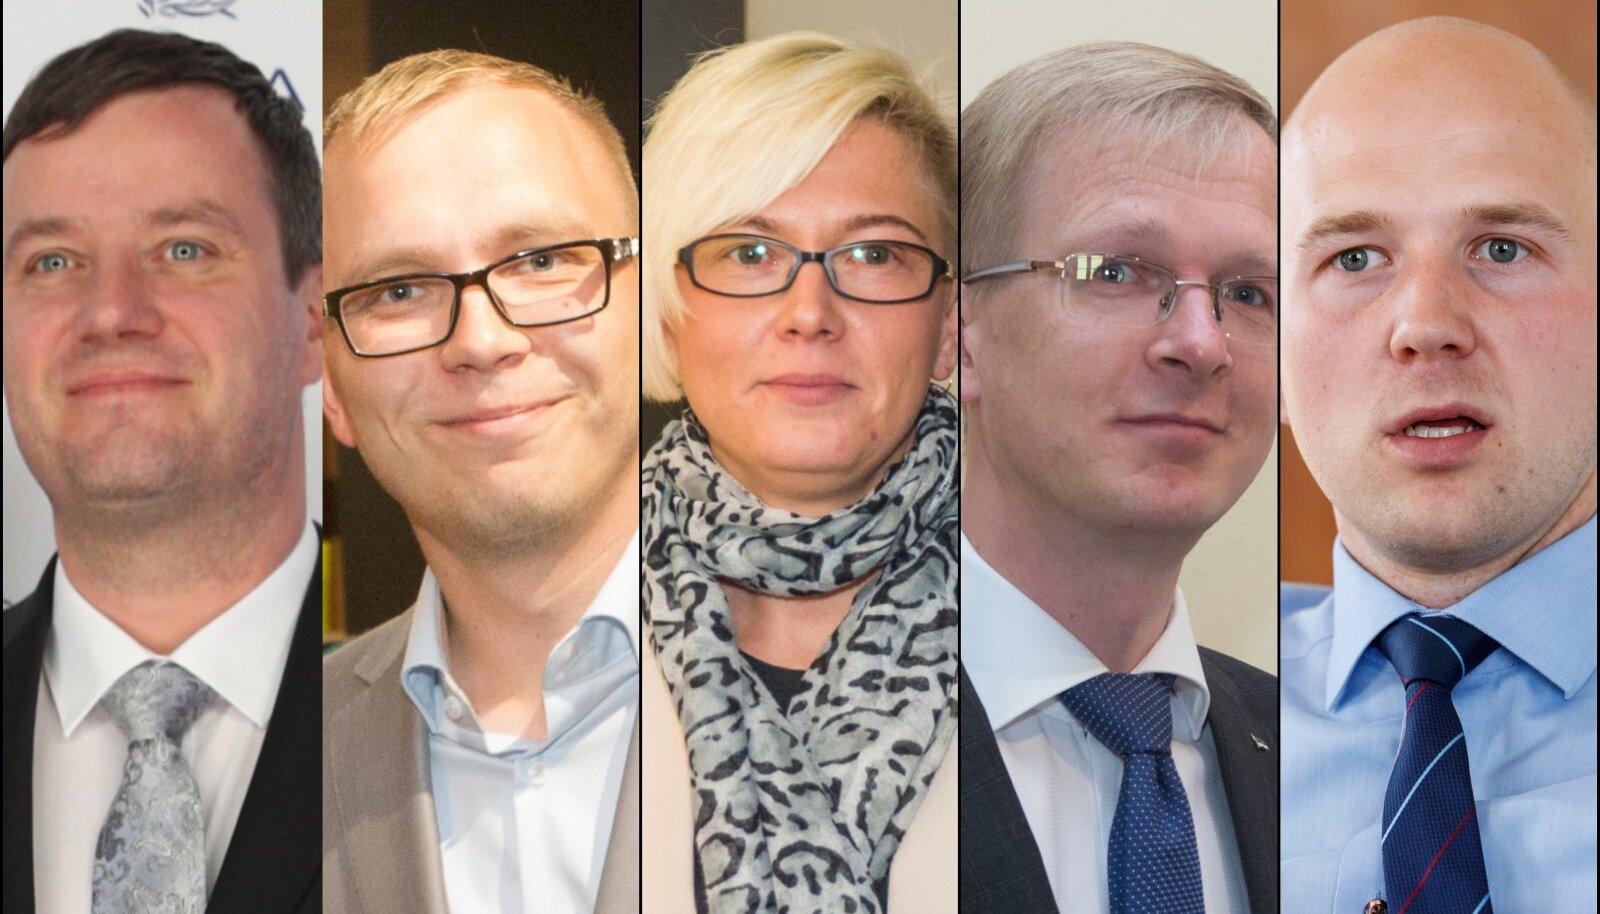 HEA ELU: Marek Jürgenson, Taavi Pukk, Moonika Parksepp, Tiit Terik, Tõnis Mölder kuuluvad enimteenivate keskerakondlaste hulka.